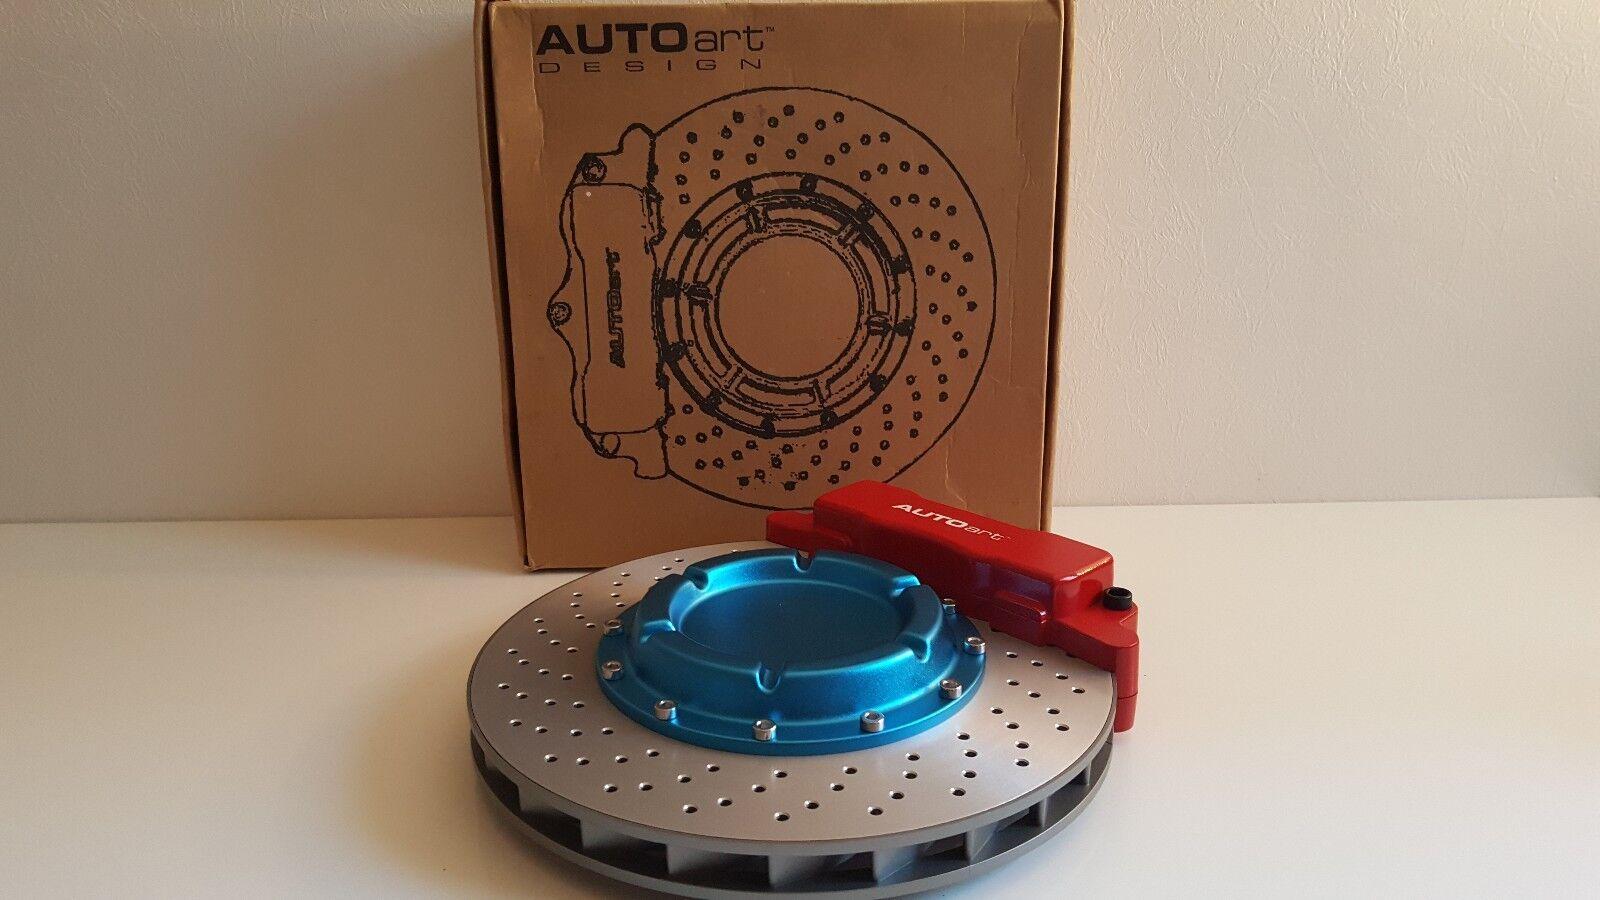 AutoArt - Grand cendrier disque de frein   Etrier (33 Cm de diamètre)